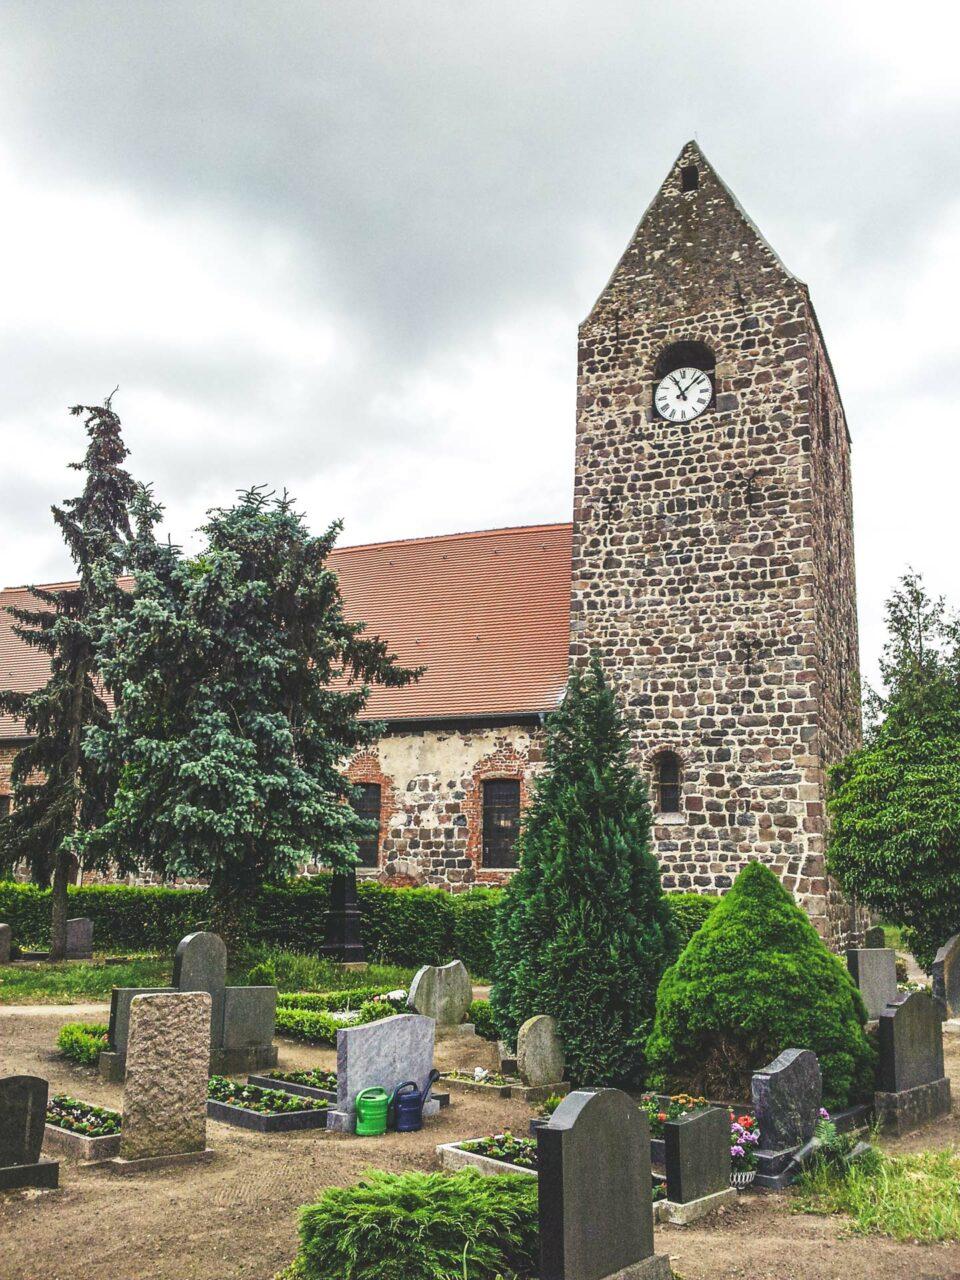 Die Dorfkirche in Heeren wurde bereits im 12. Jahrhundert aus Feldsteinen gebaut. Typisch für die vielen kleinen Dörfer entlang des Weges.